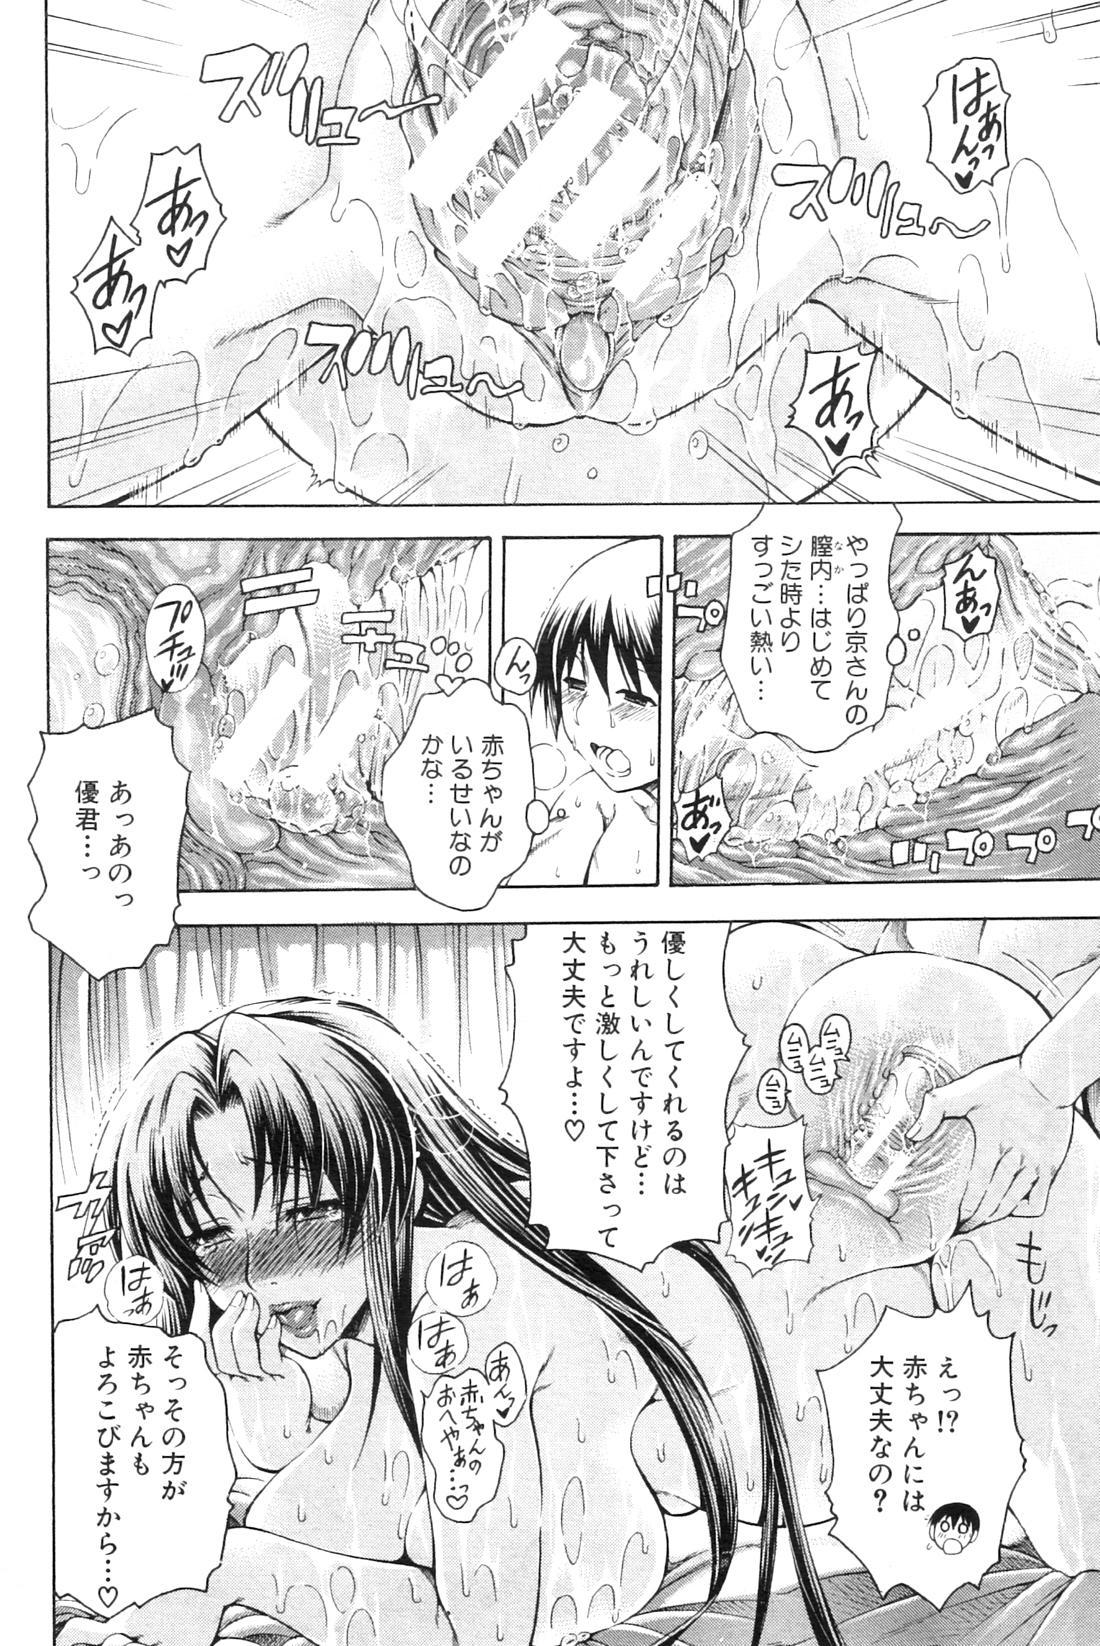 Himitsu no Sign - Secret Signature 162